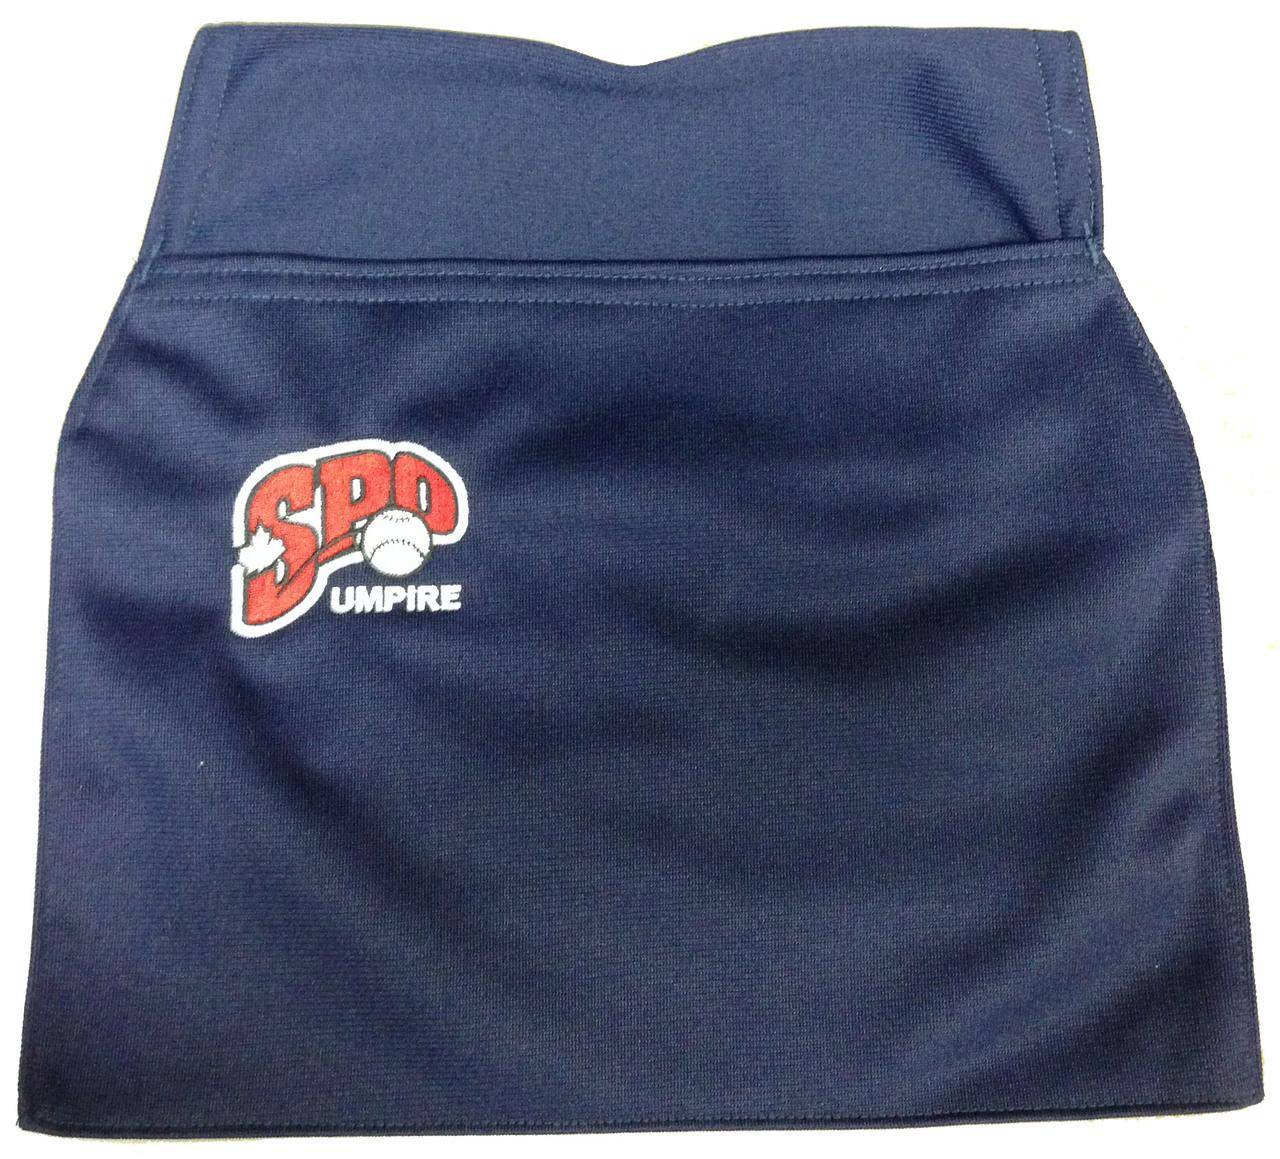 Umpire Ball Bag